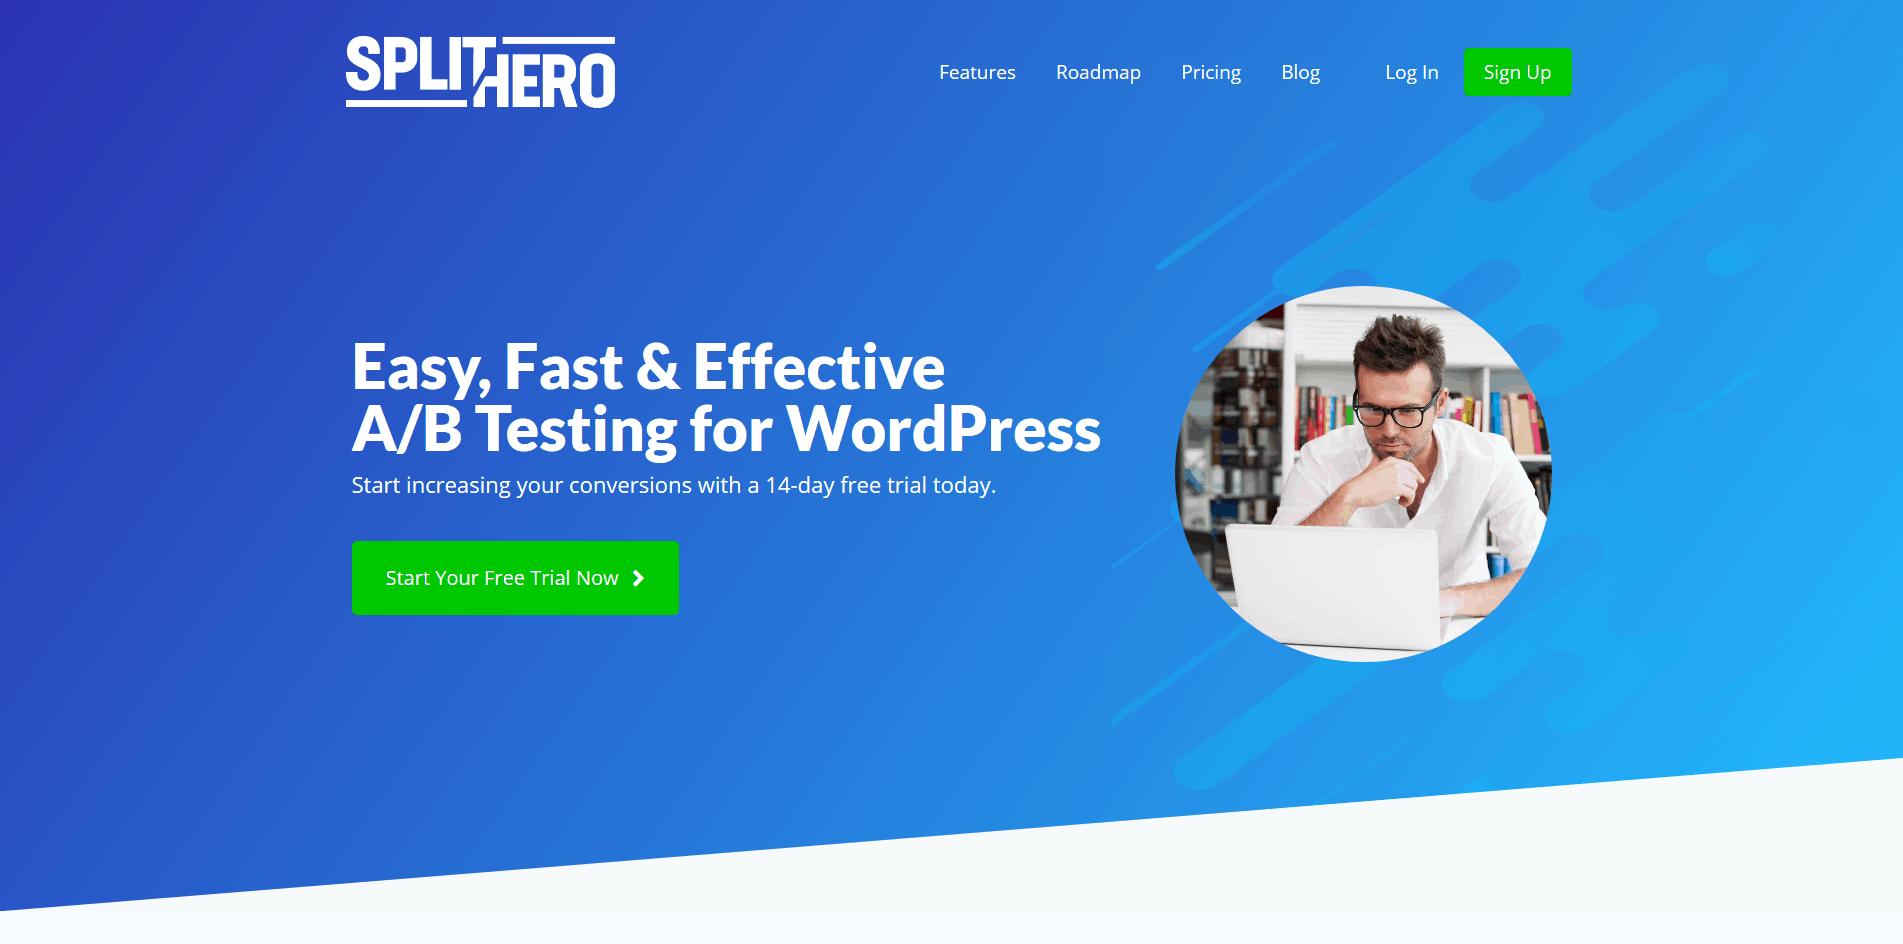 Split Hero website screenshot